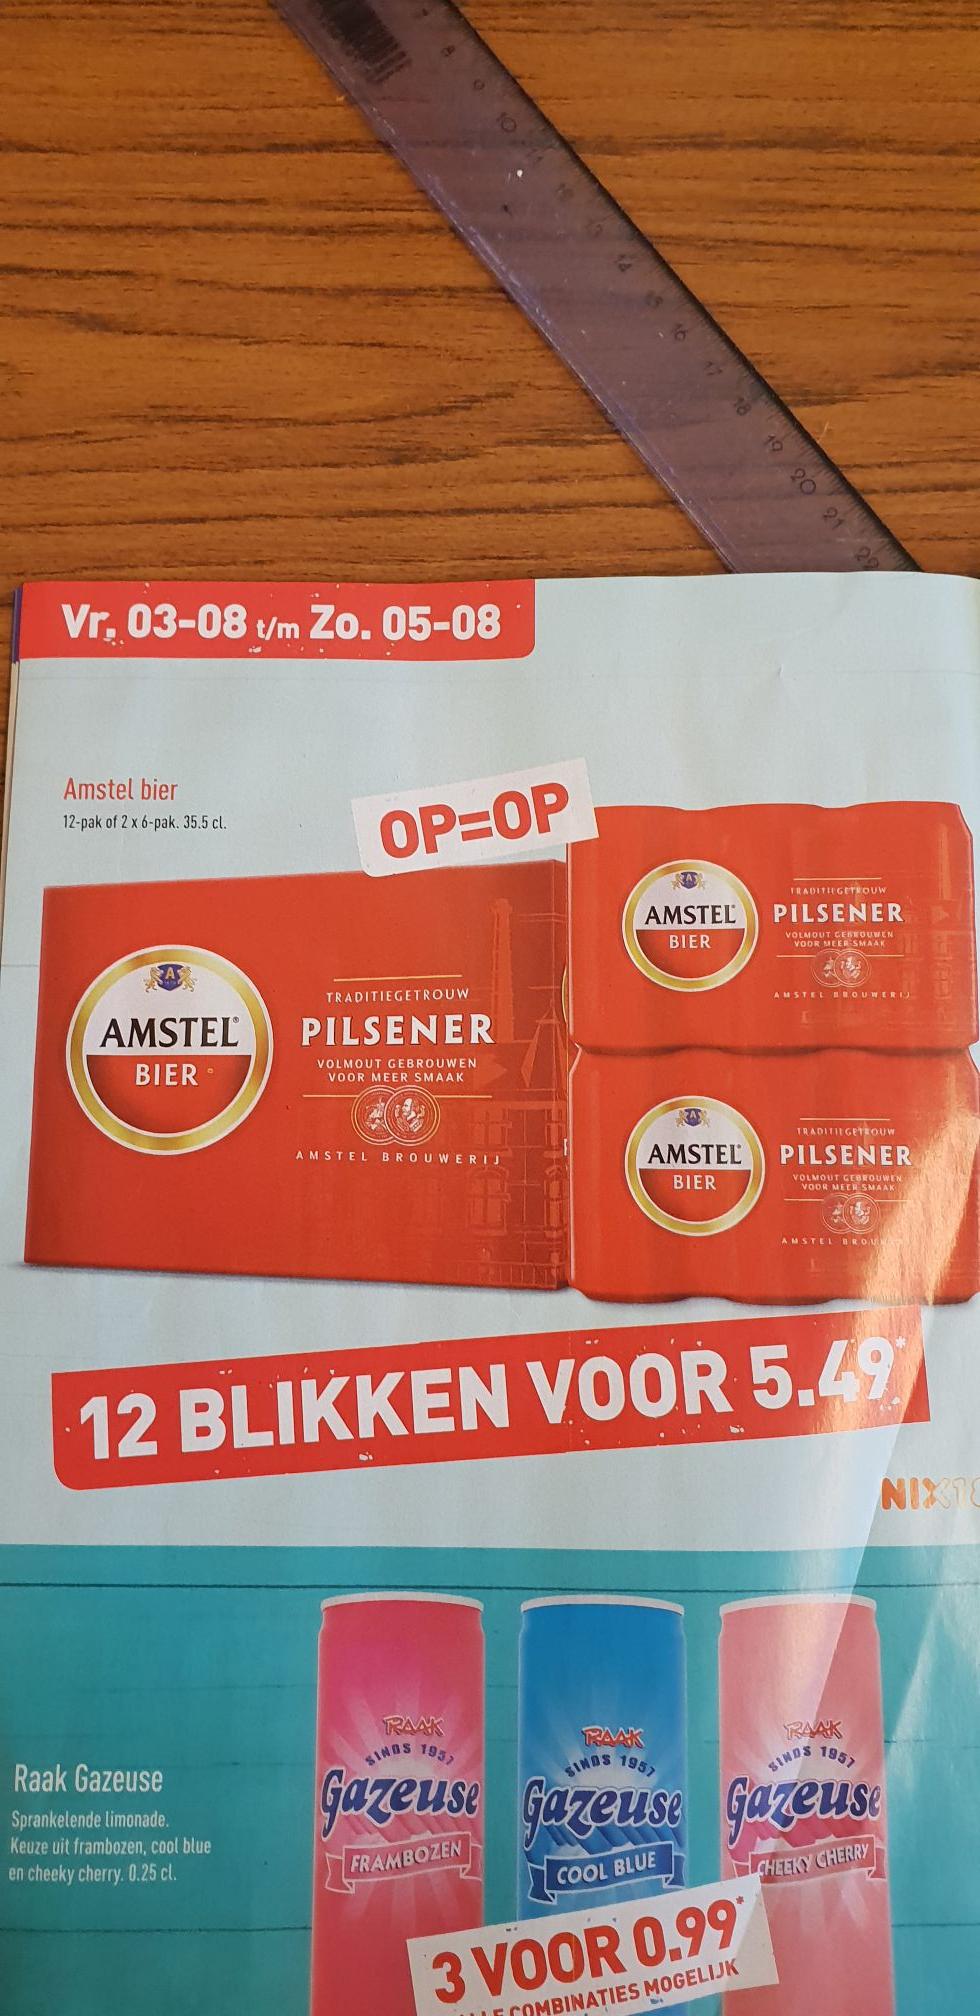 ALDI - 12 blikken Amstel bier voor 5.49 euro